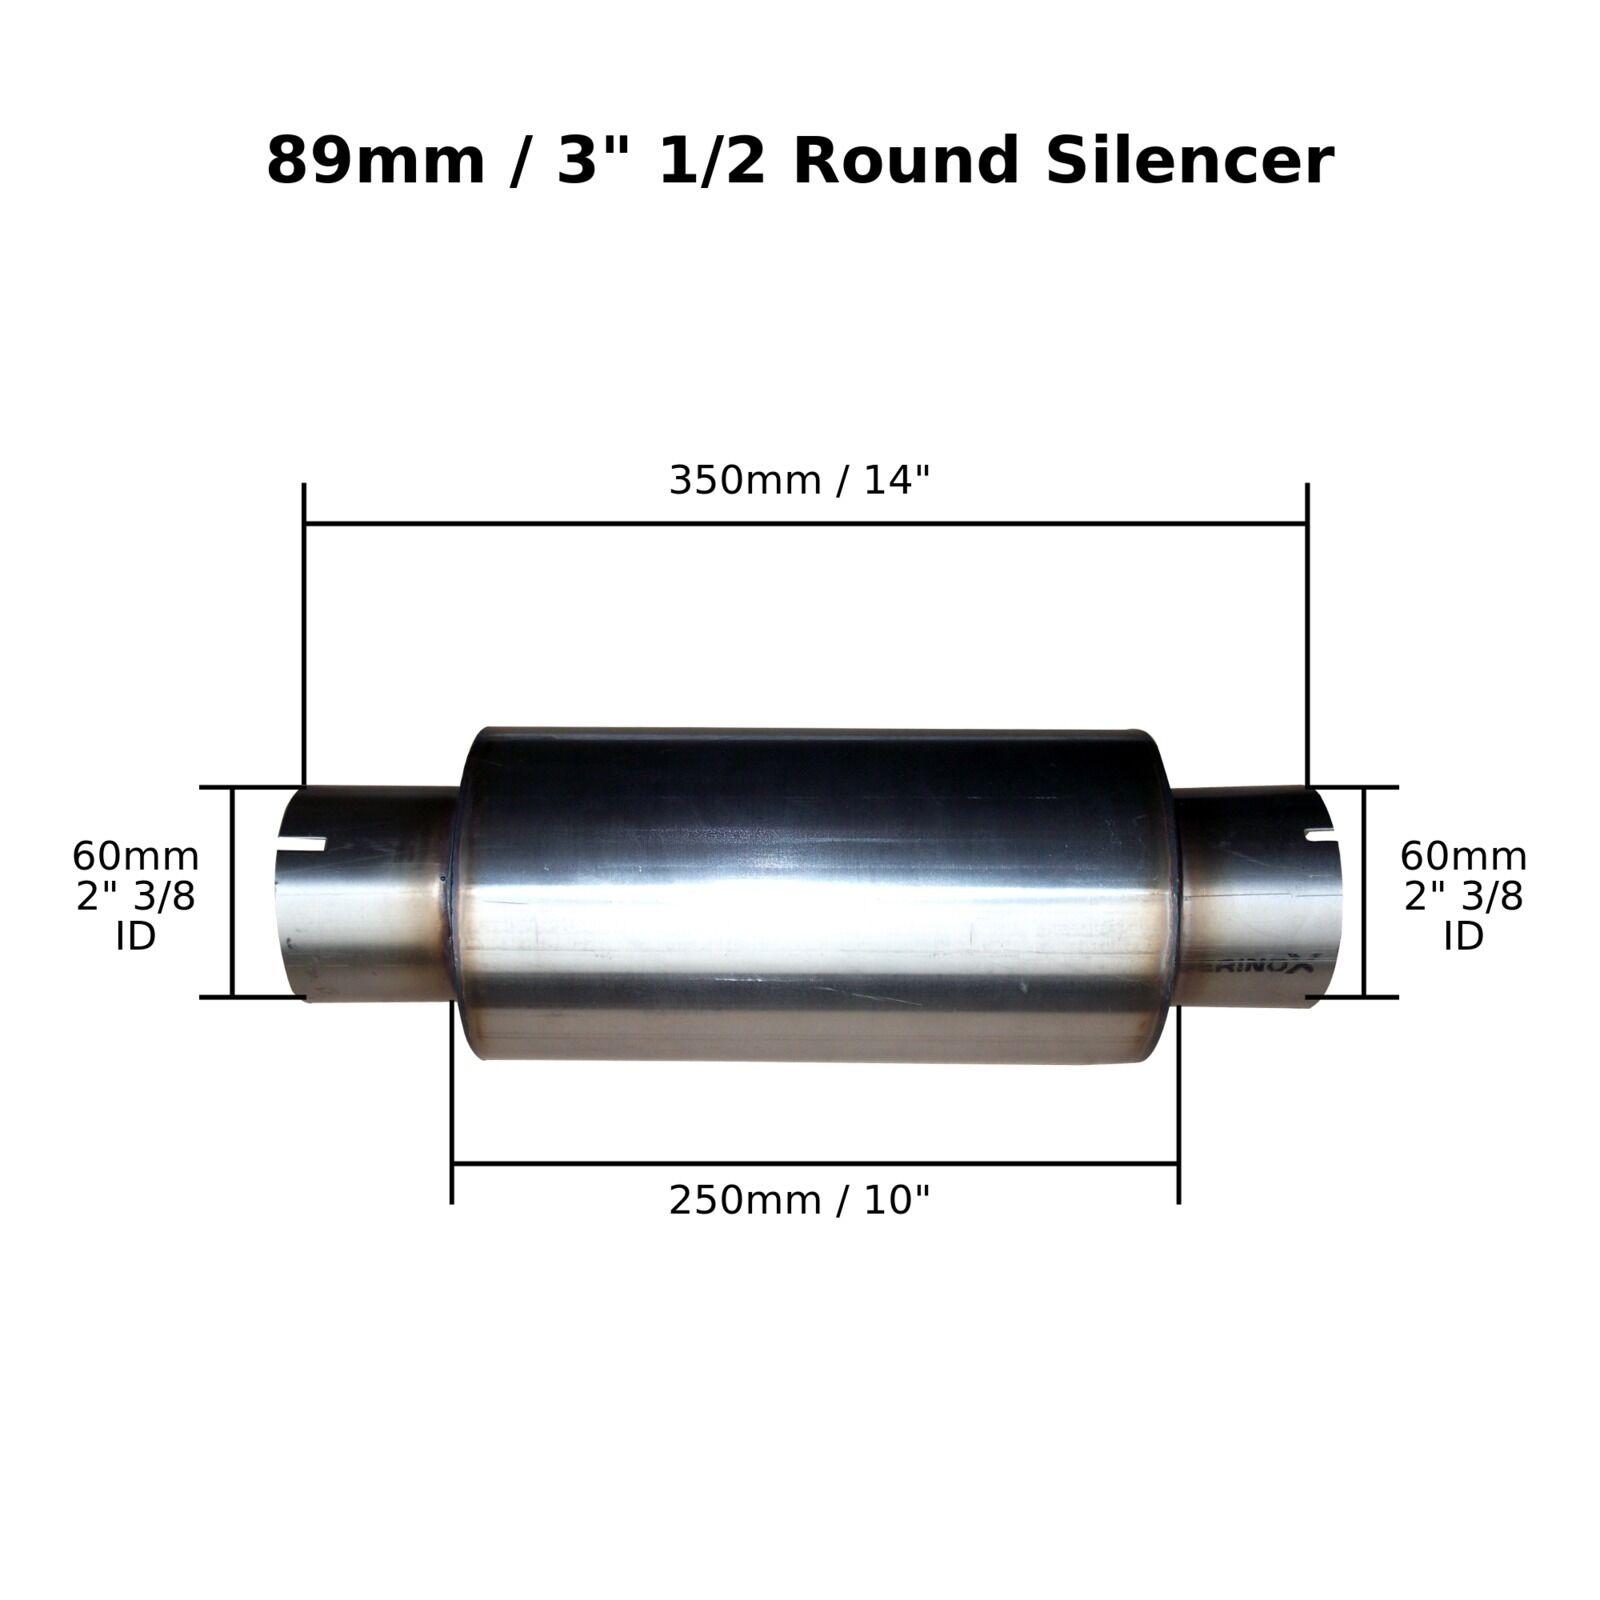 3.5 x 10 de abrazadera en Acero Inoxidable Silenciador Silenciador Silenciador De Escape Caja Cuerpo 2  3/8 (60mm) Bore 04c01b